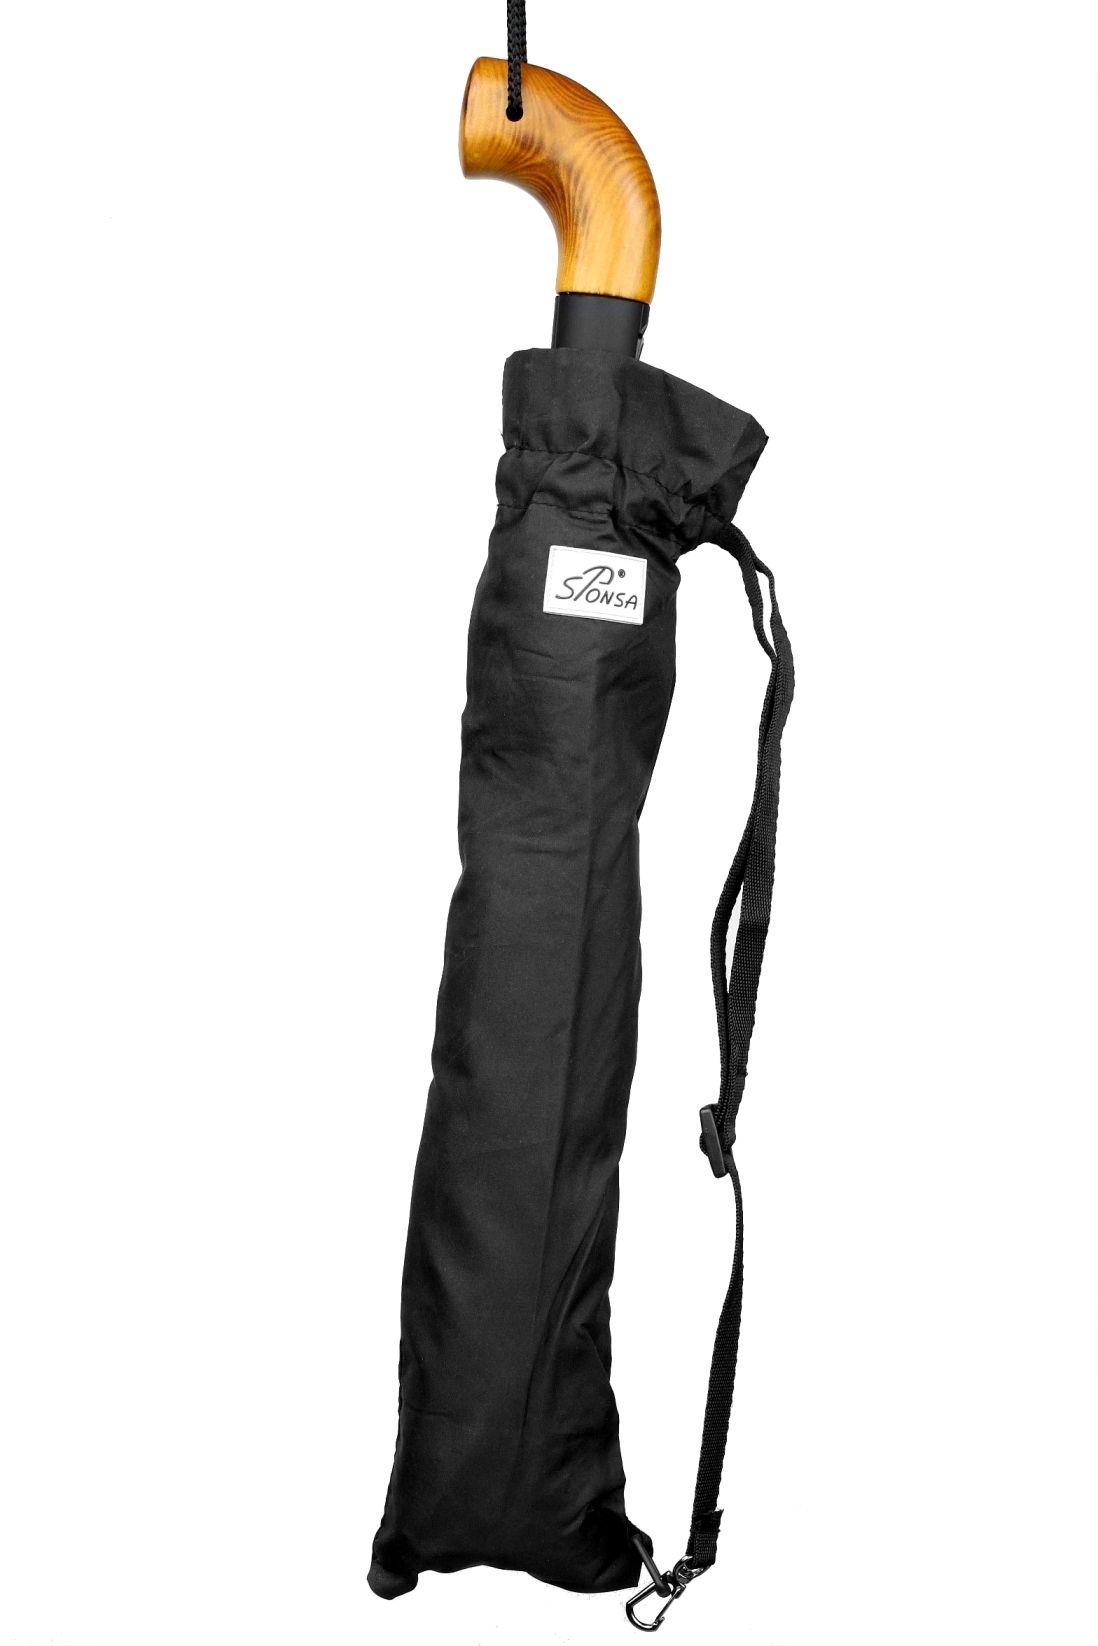 Зонты - Подарок Мужчине - магазин подарков мужчинам 44